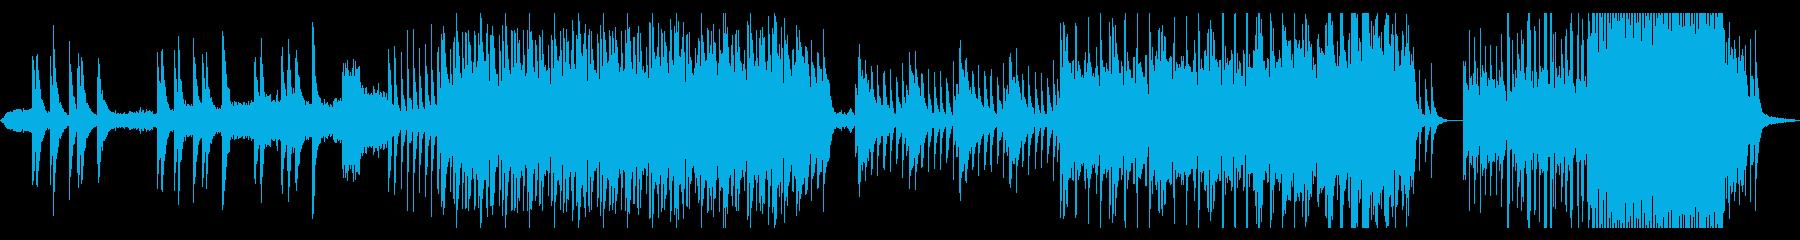 不思議 ノスタルジック ファンタジーの再生済みの波形